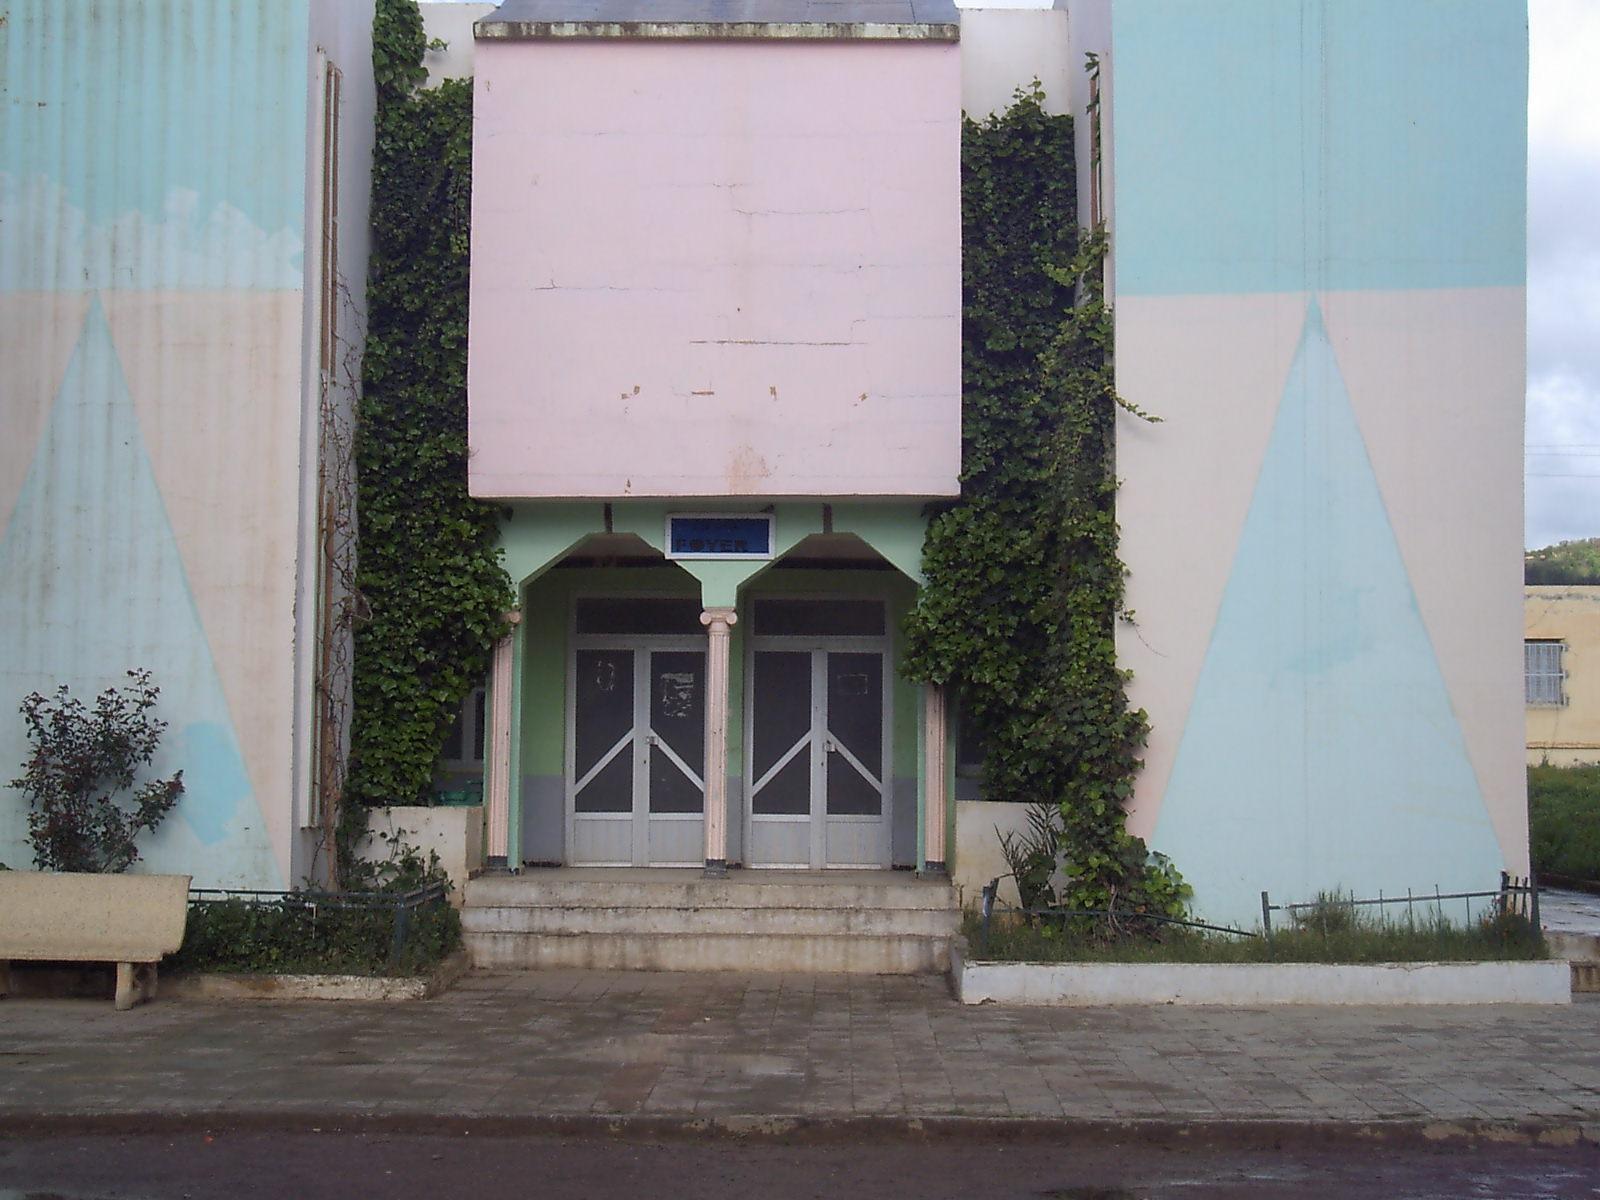 مكتبة مركز التكوين المهني لبلدية الغمارية